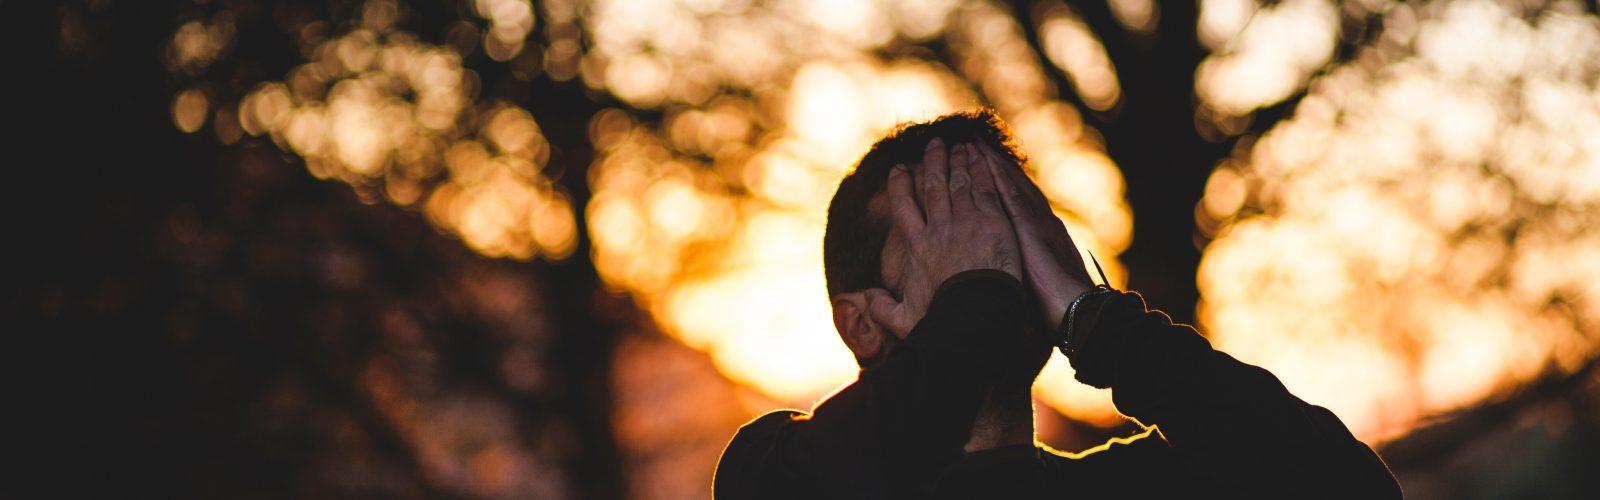 Jak radzić sobie ze stresem? – 10 porad